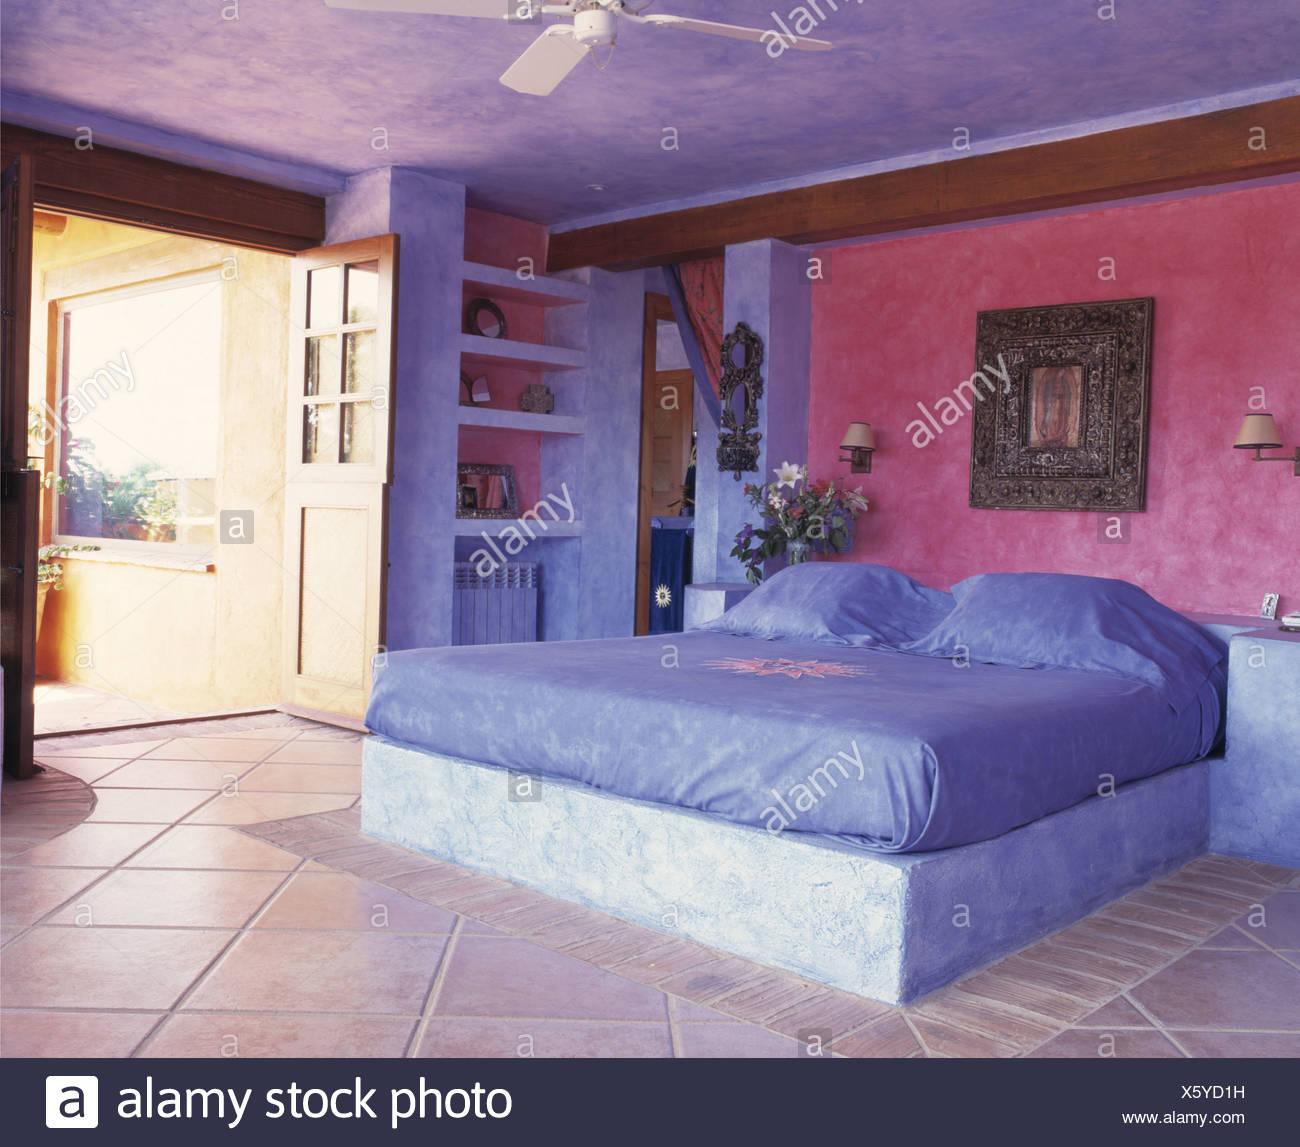 Camere Da Letto Colorate Prezzi.Colourful Bedroom Of Spanish Villa Stock Photo 279042109 Alamy